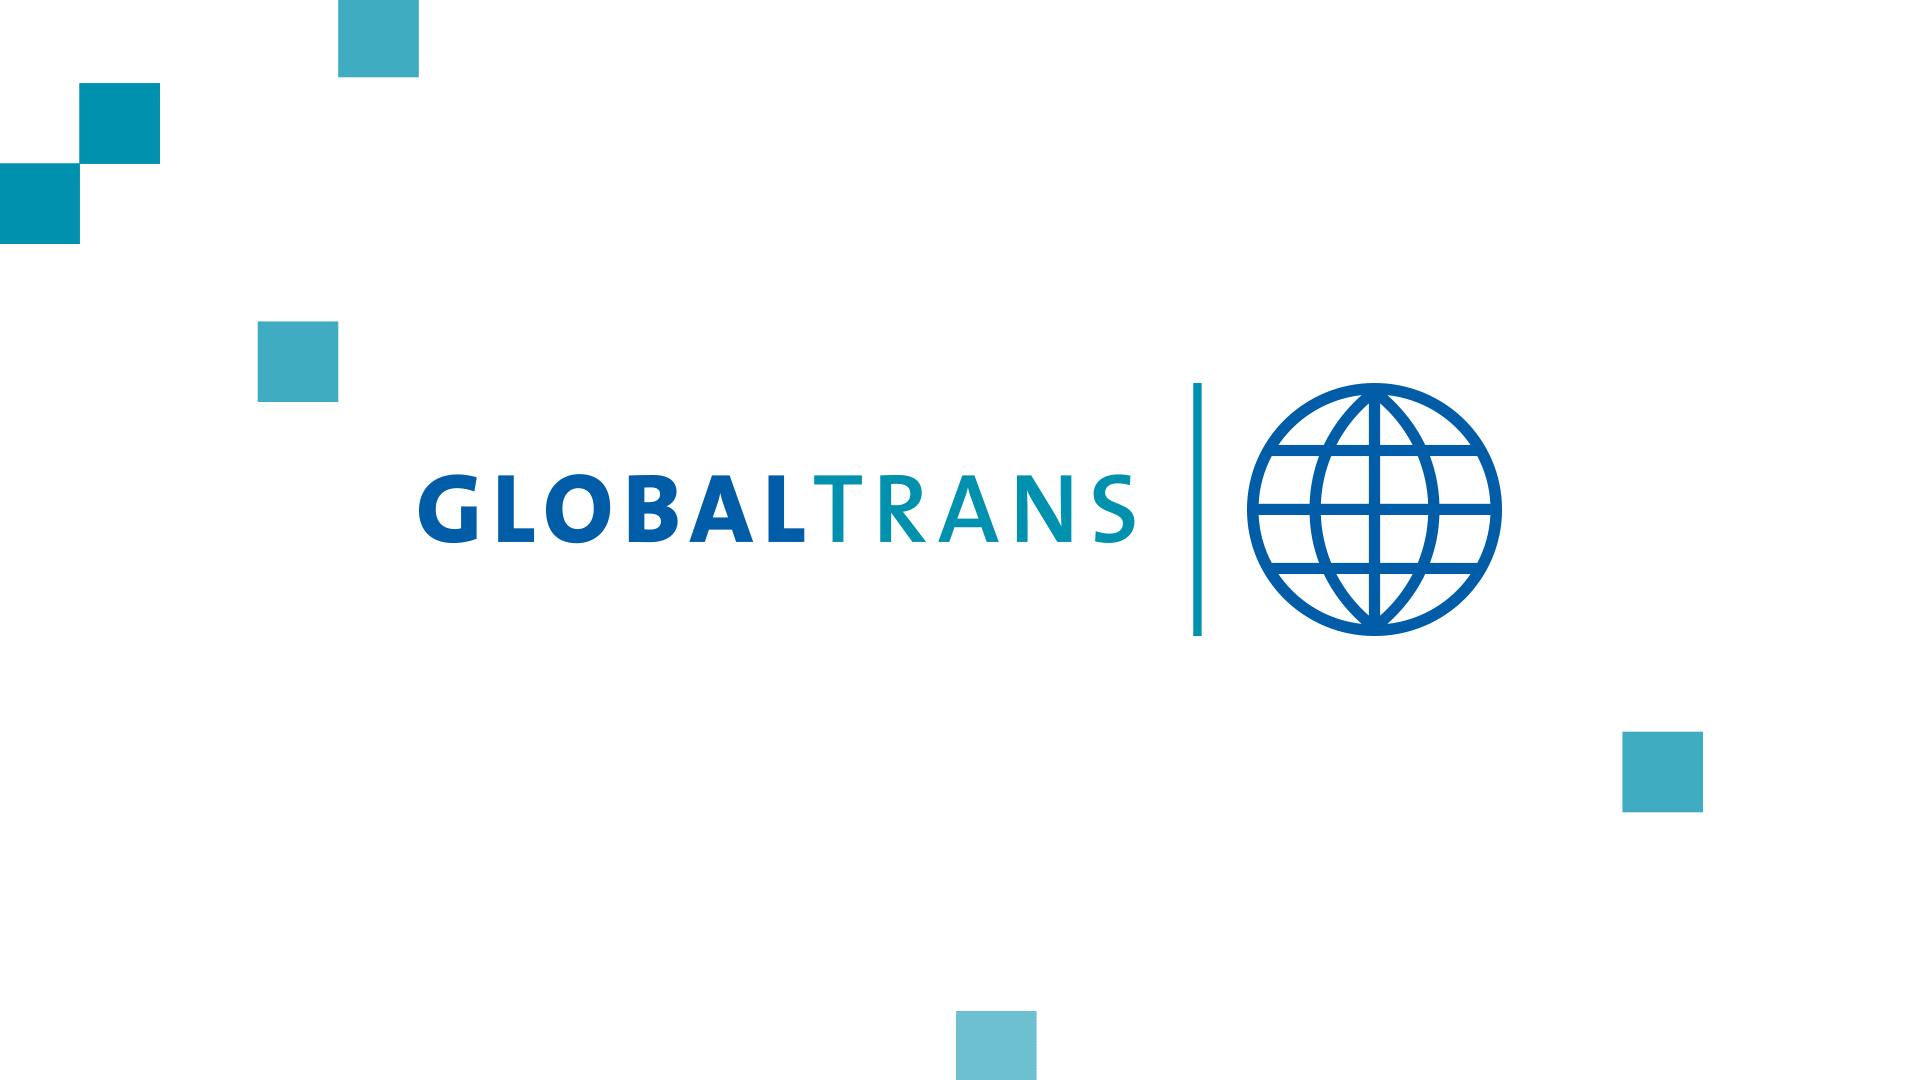 """Акции """"Глобалтранс"""" - прогноз и цена в 2021 году"""